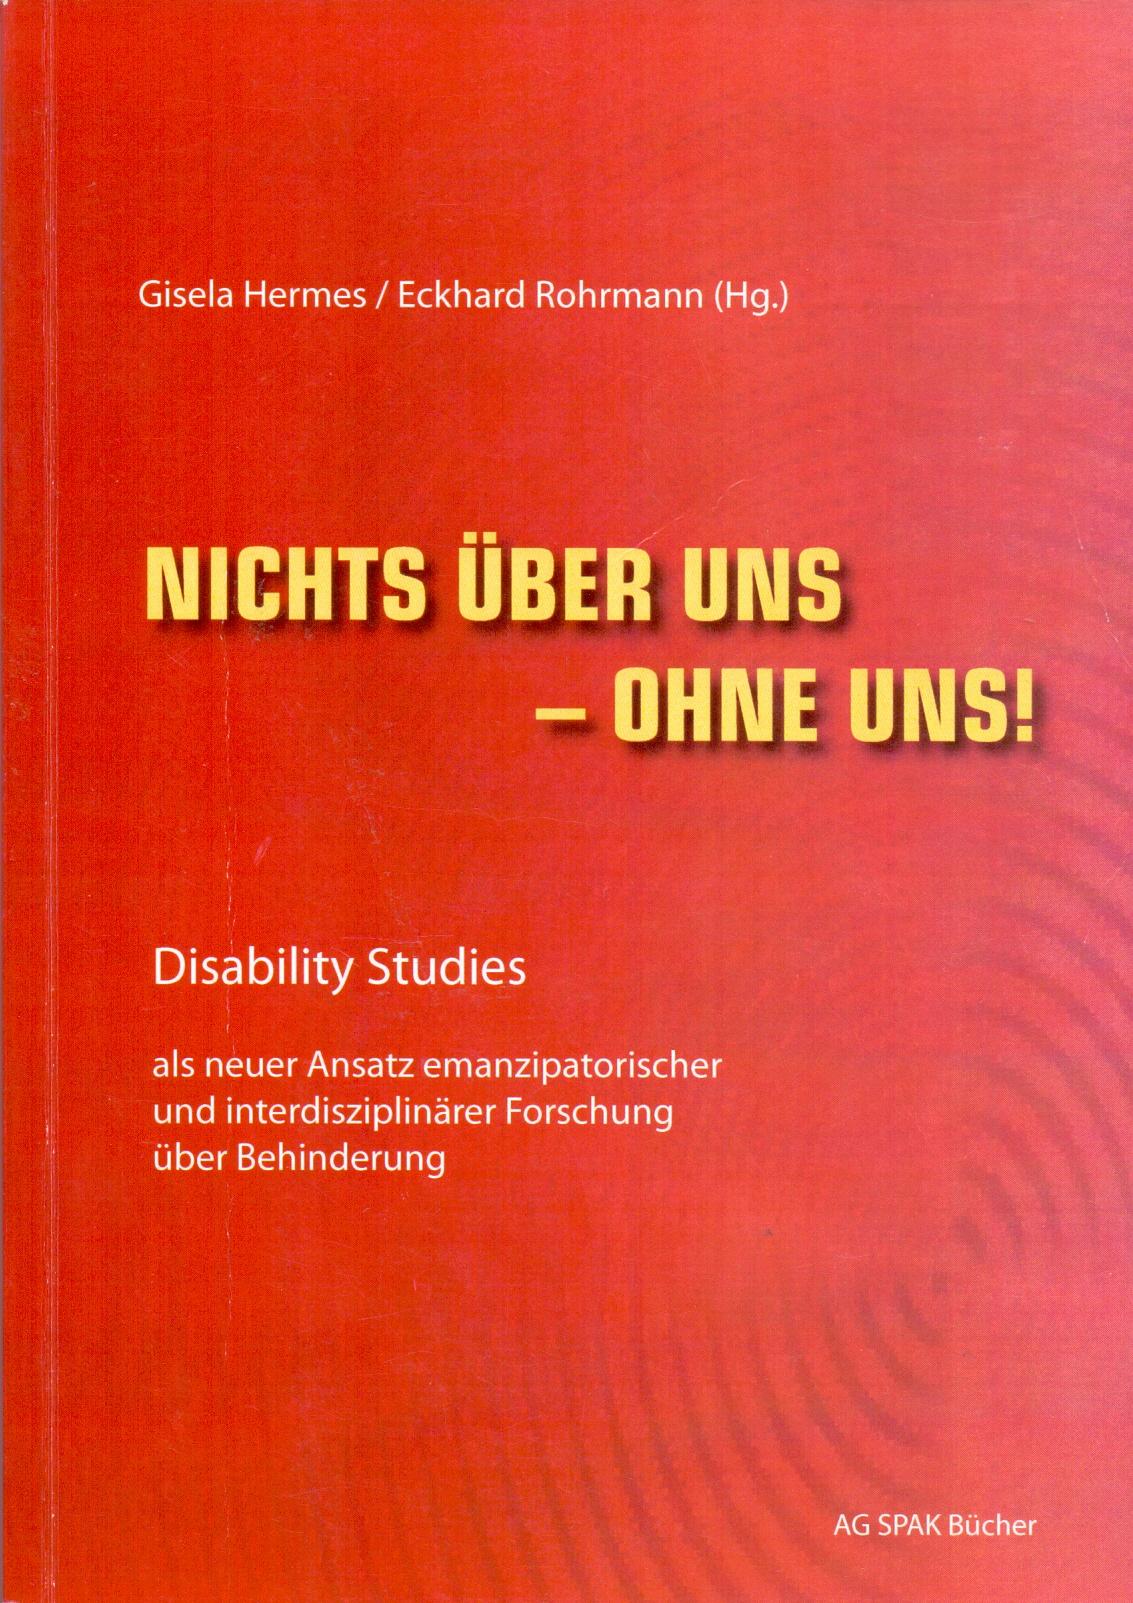 Nichts über uns - ohne uns!: Disability Studies als neuer Ansatz emanzipatorischer und interdisziplinärer Forschung über